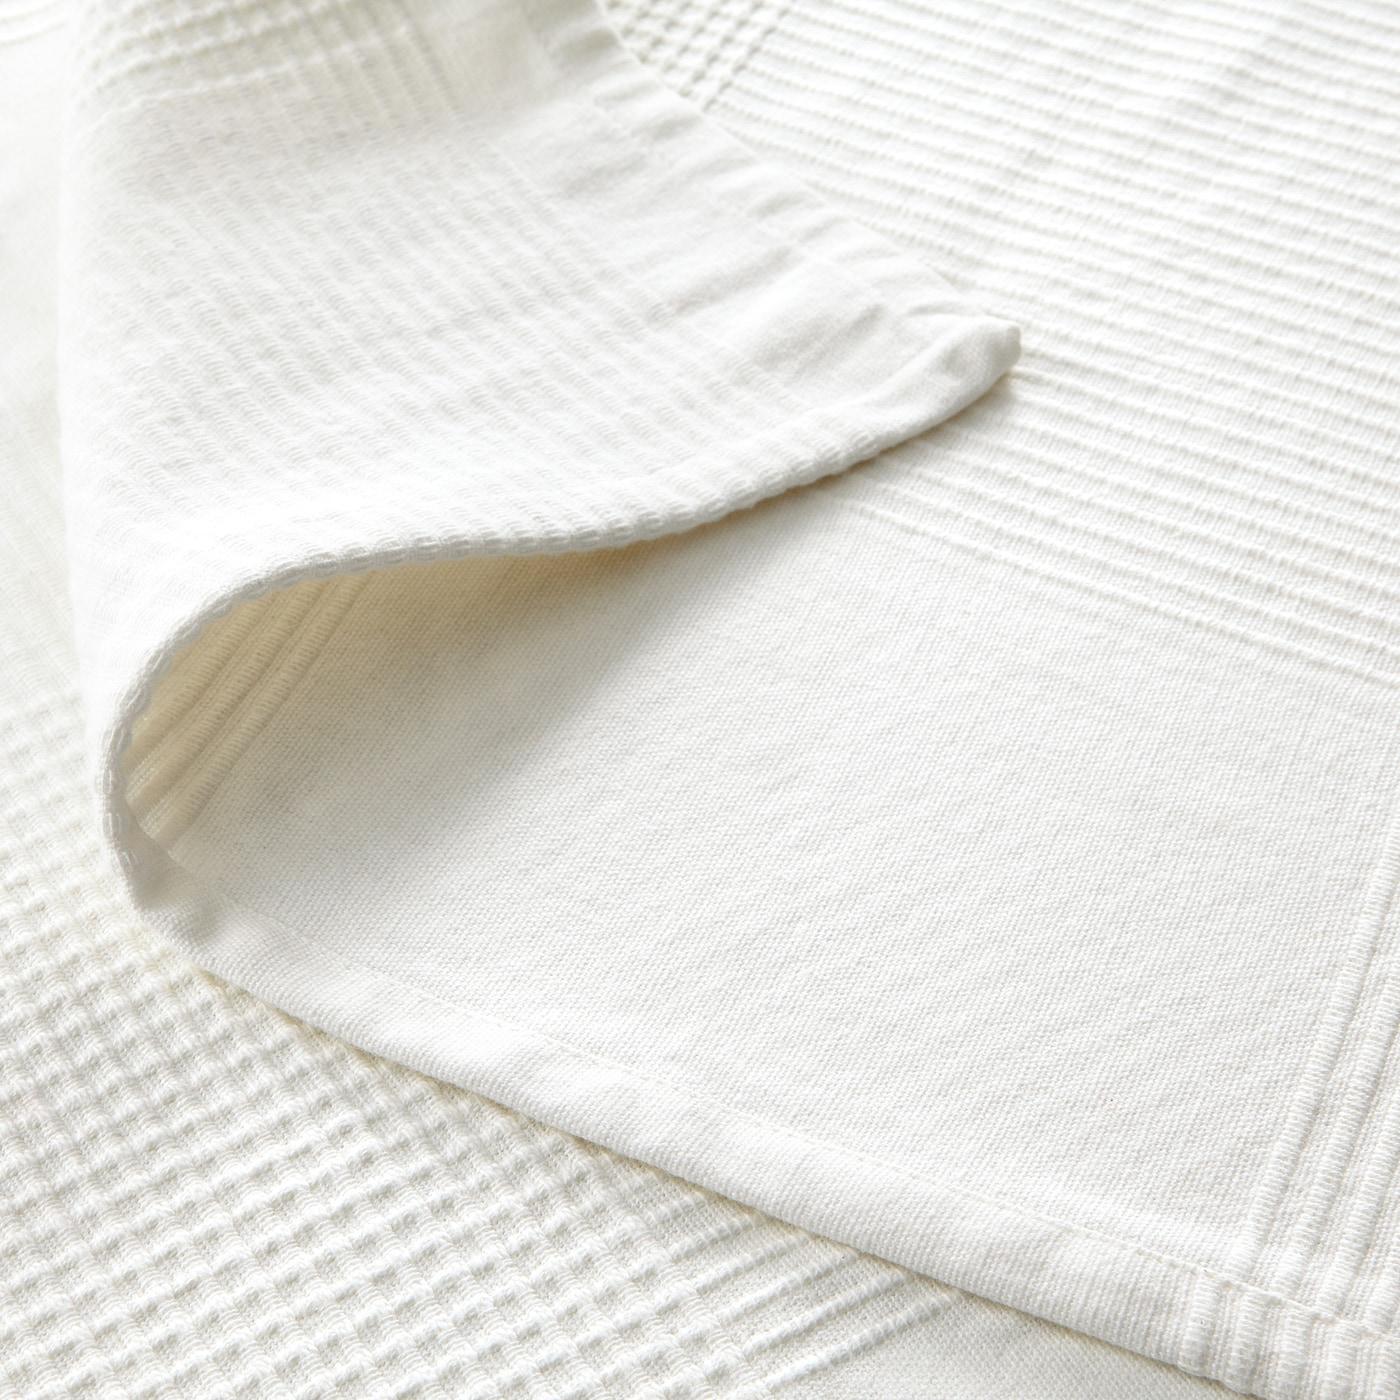 INDIRA ІНДІРА Покривало - білий 230x250 см